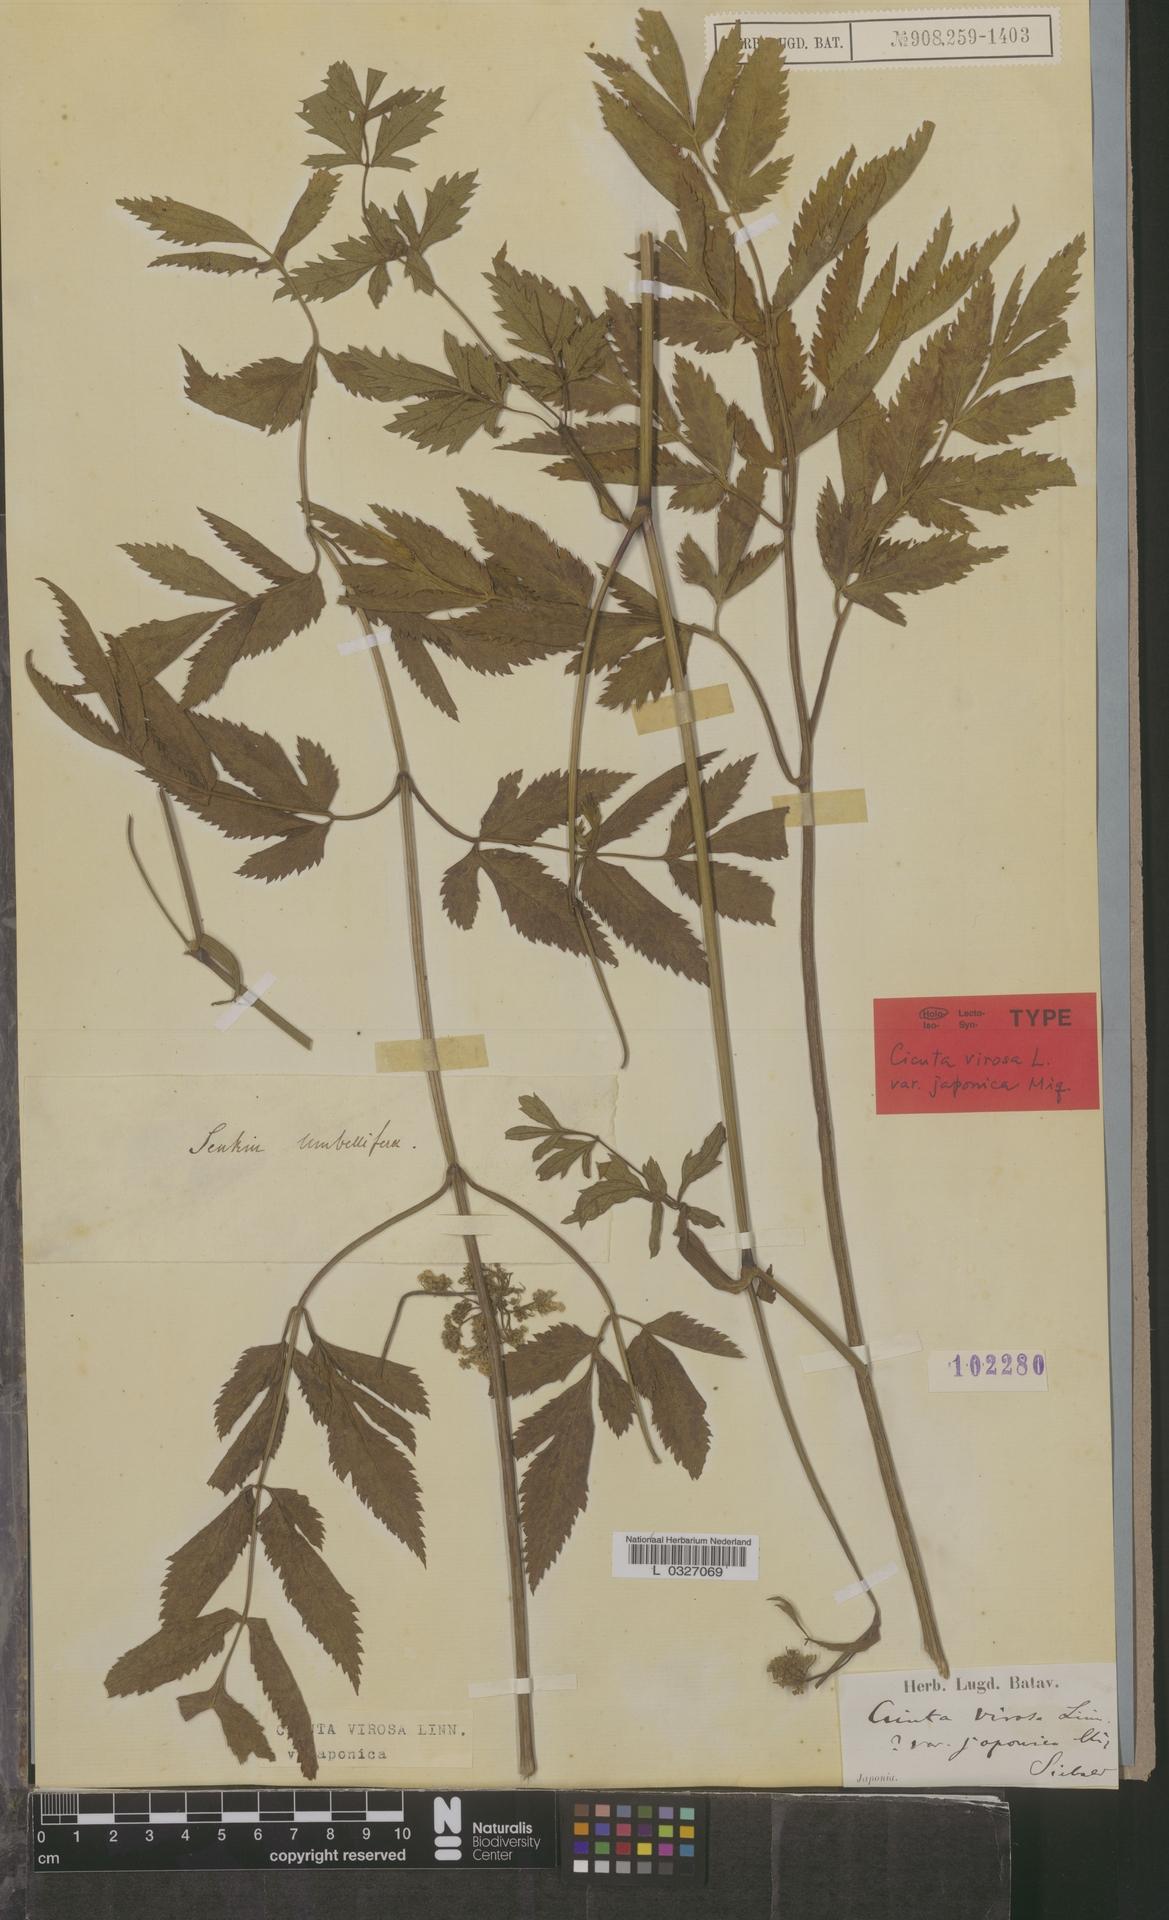 L  0327069 | Cicuta virosa var. japonica Miq.